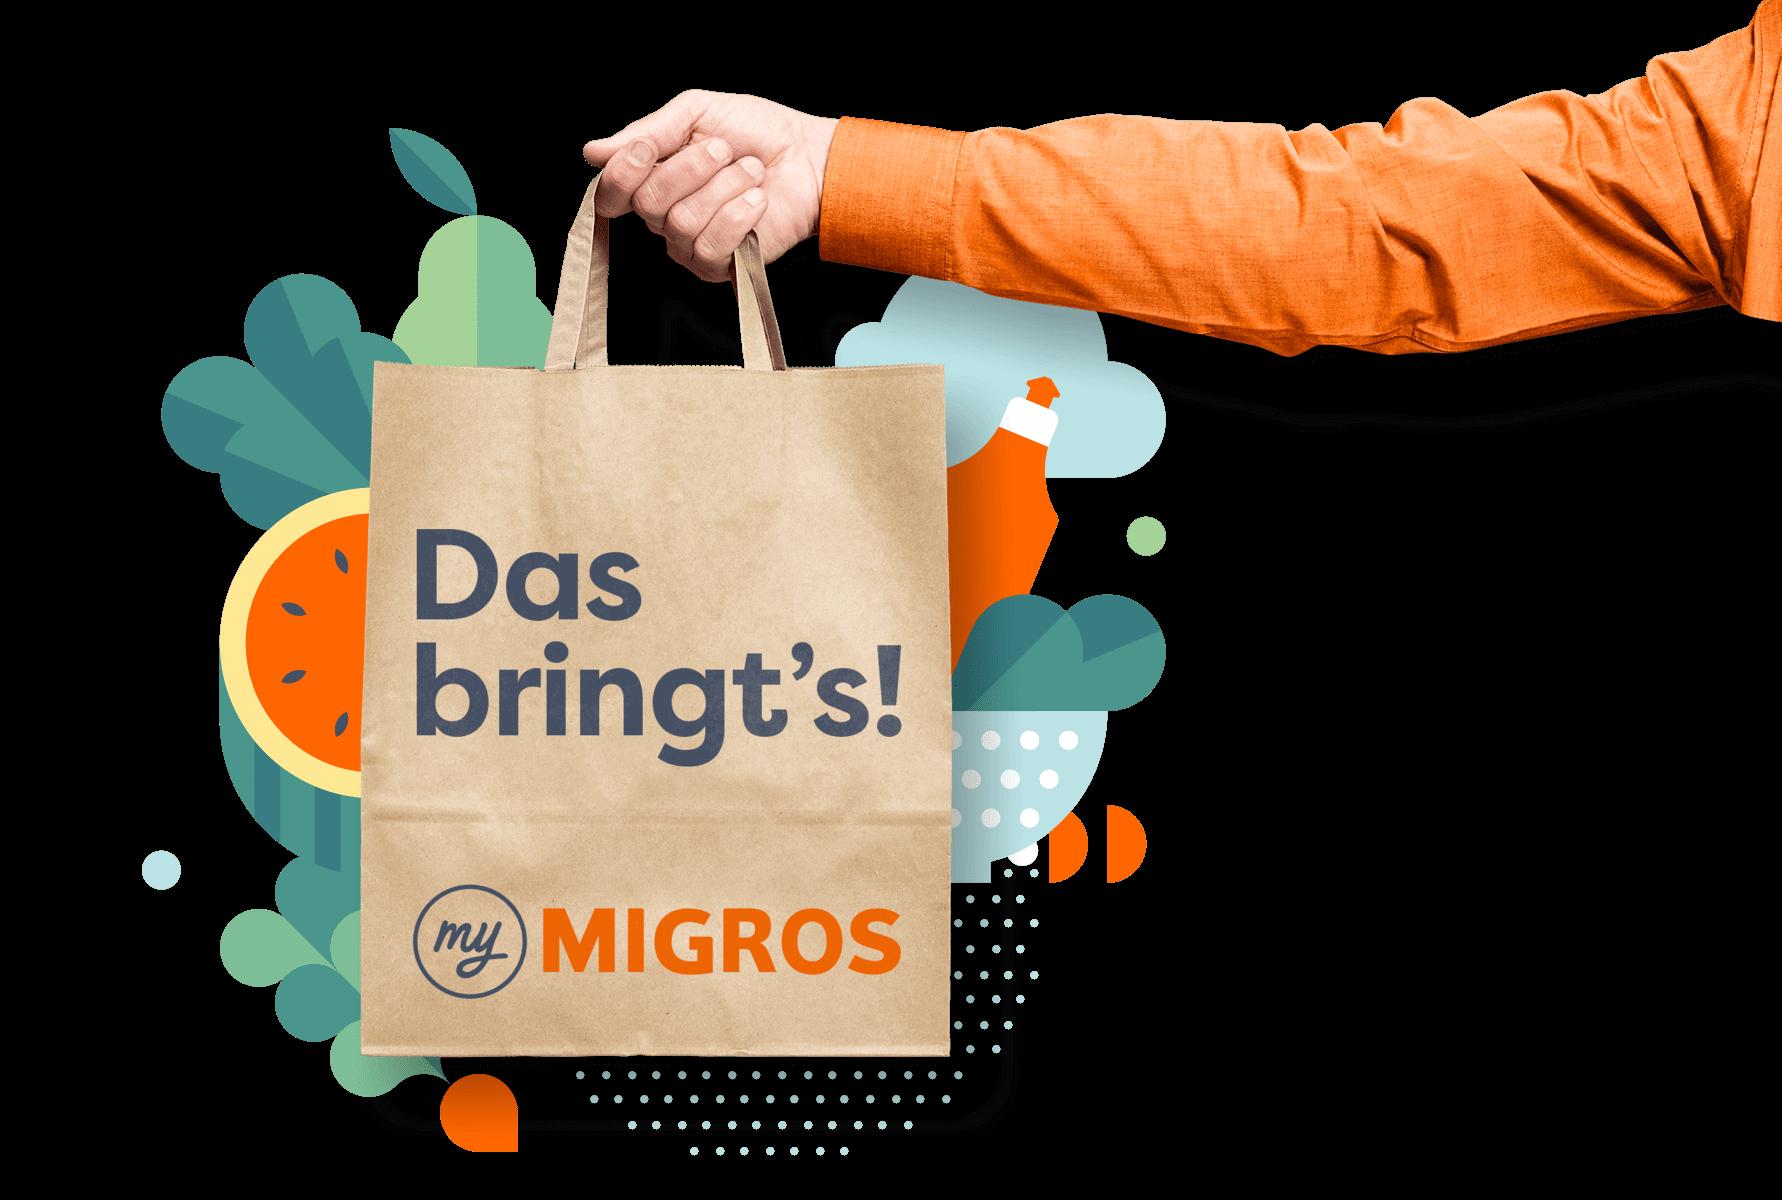 myMigros –Das bringts